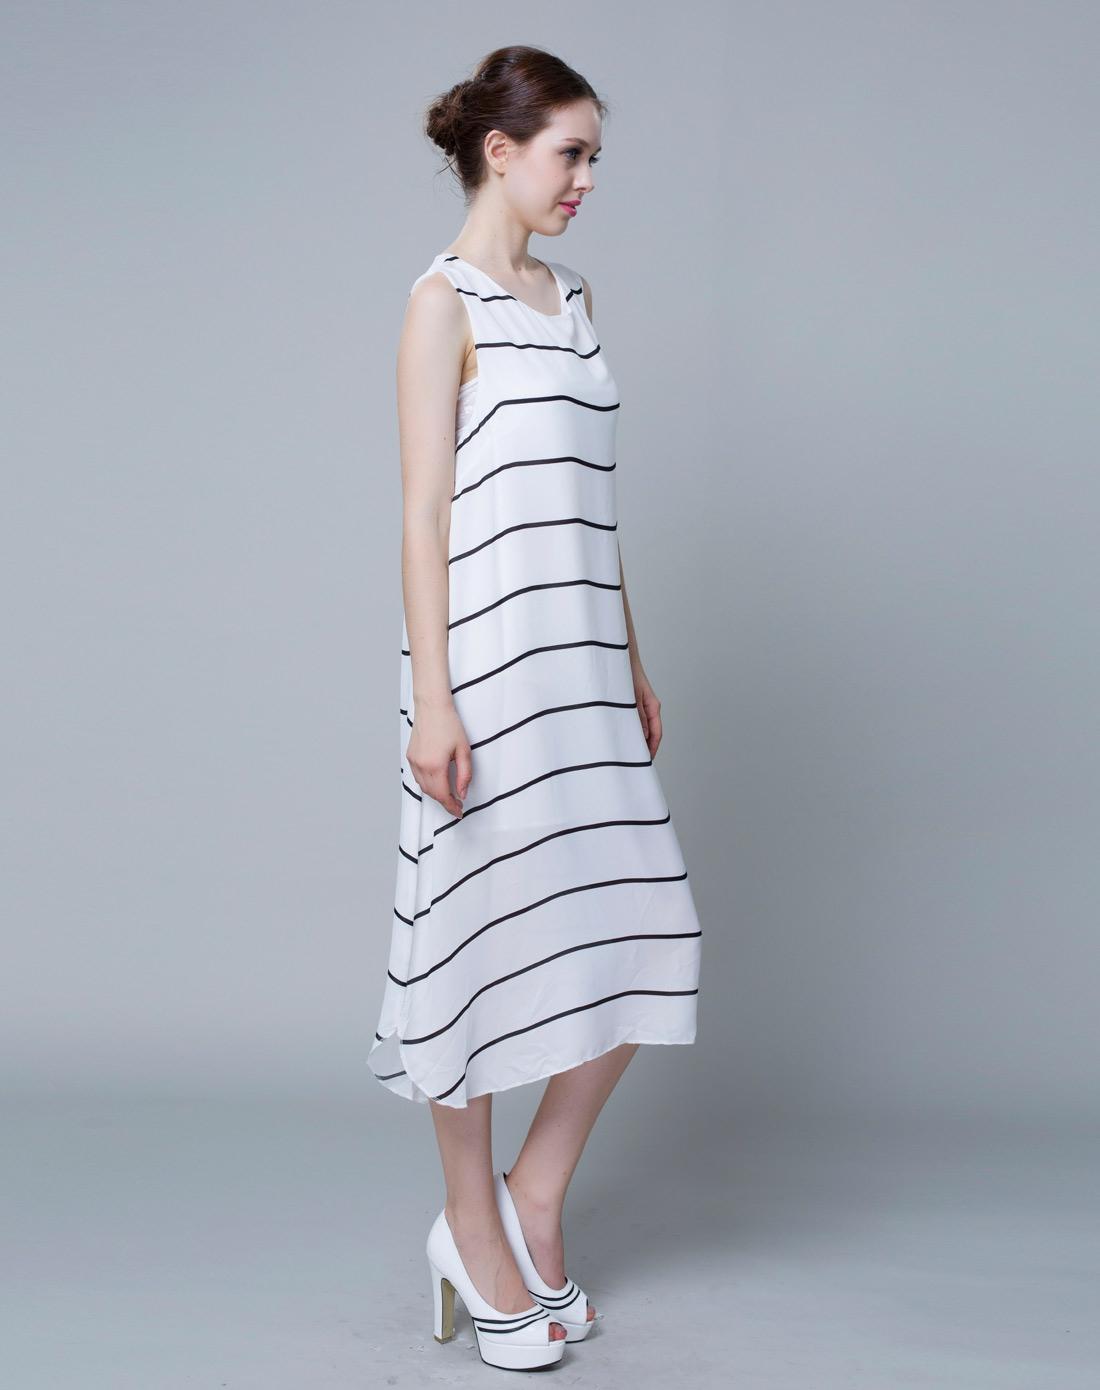 _蓝丝黛lansda黑白色女装无袖连衣裙l4220121041_唯品会